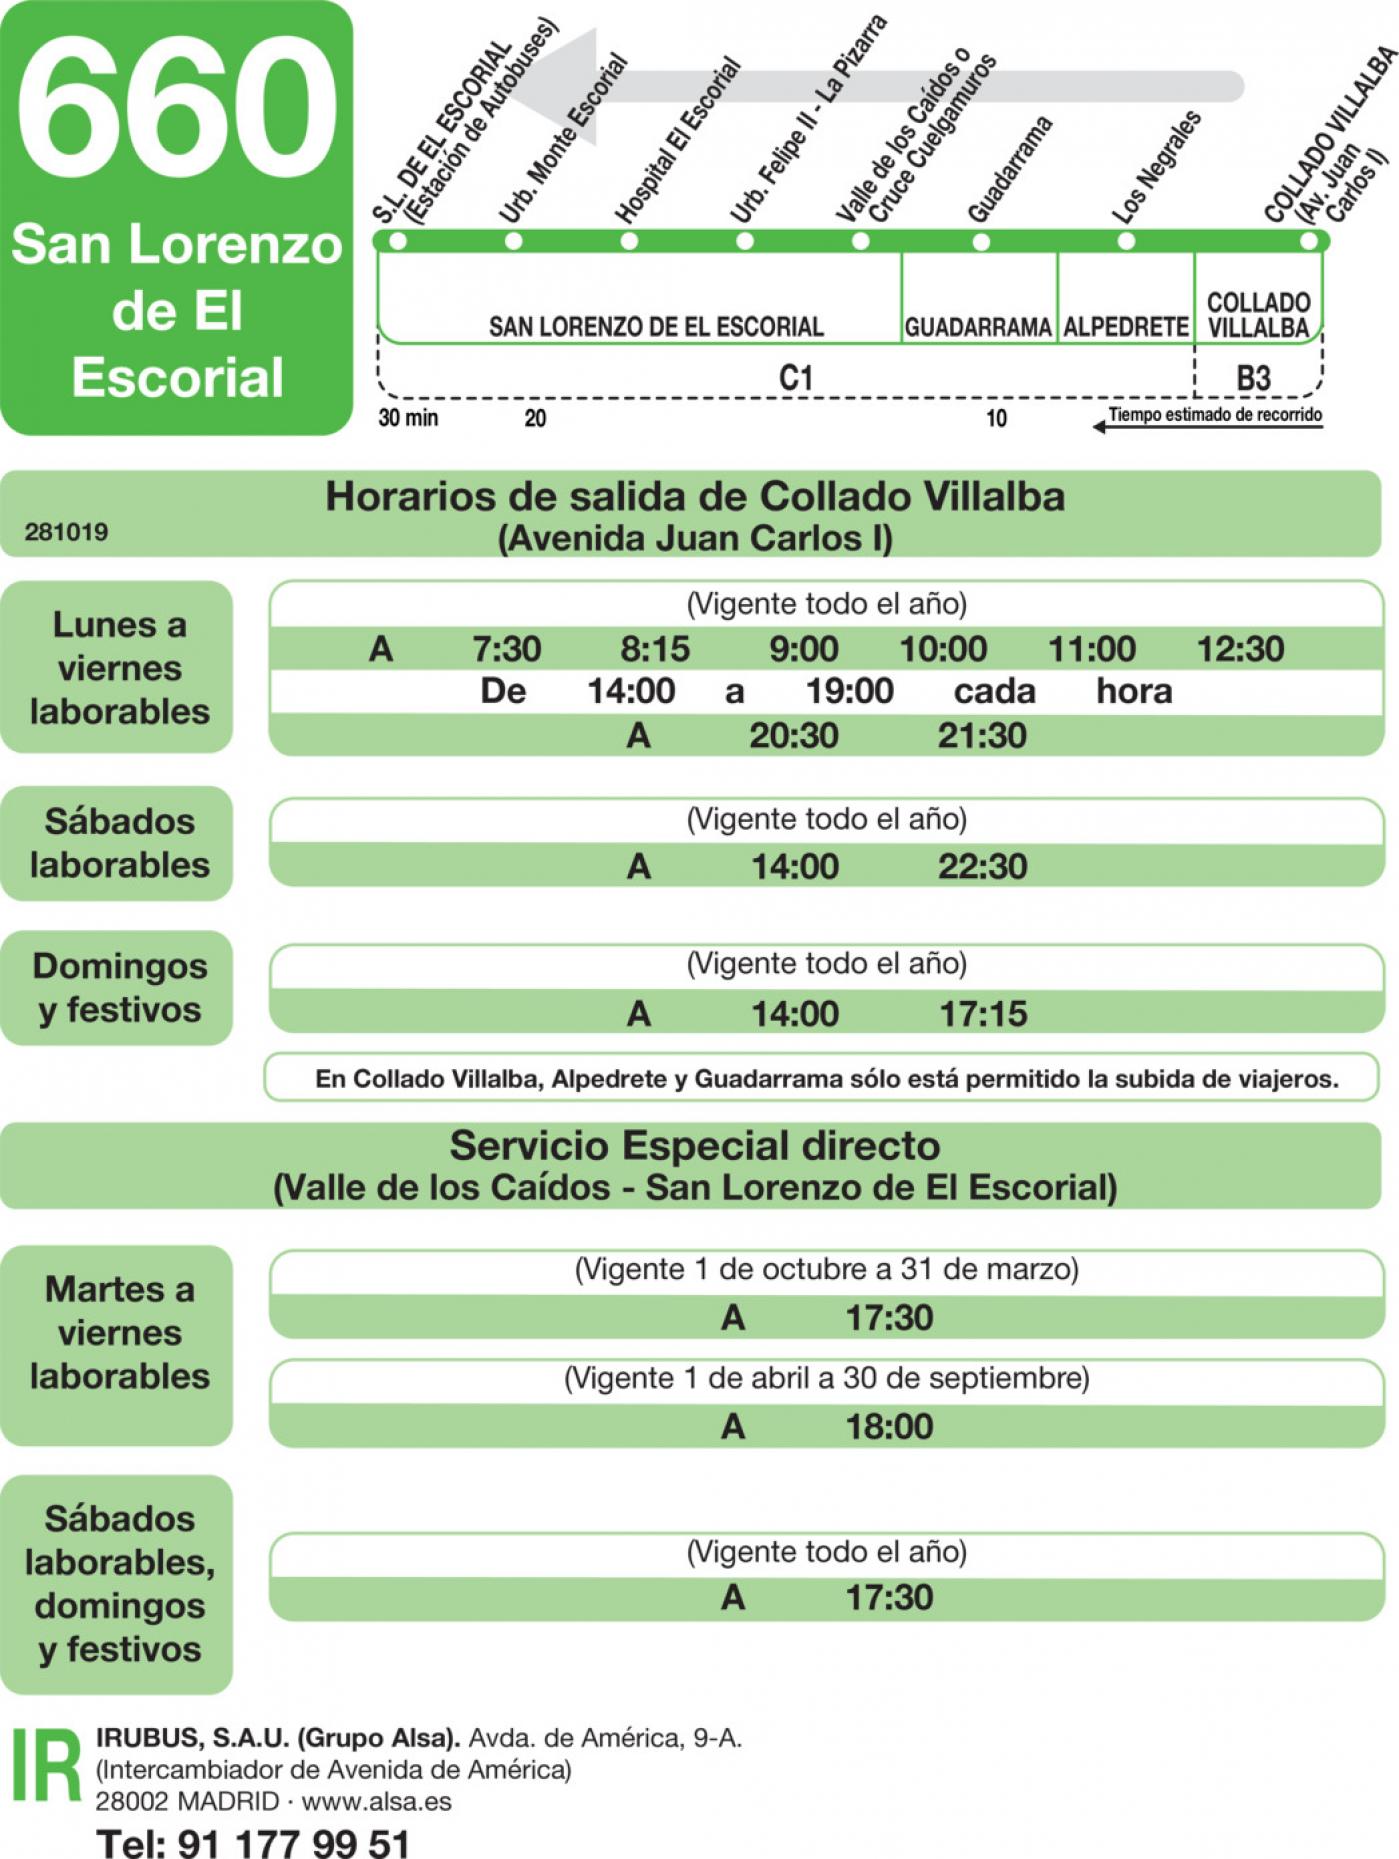 Tabla de horarios y frecuencias de paso en sentido vuelta Línea 660: San Lorenzo de El Escorial - Guadarrama - Villalba